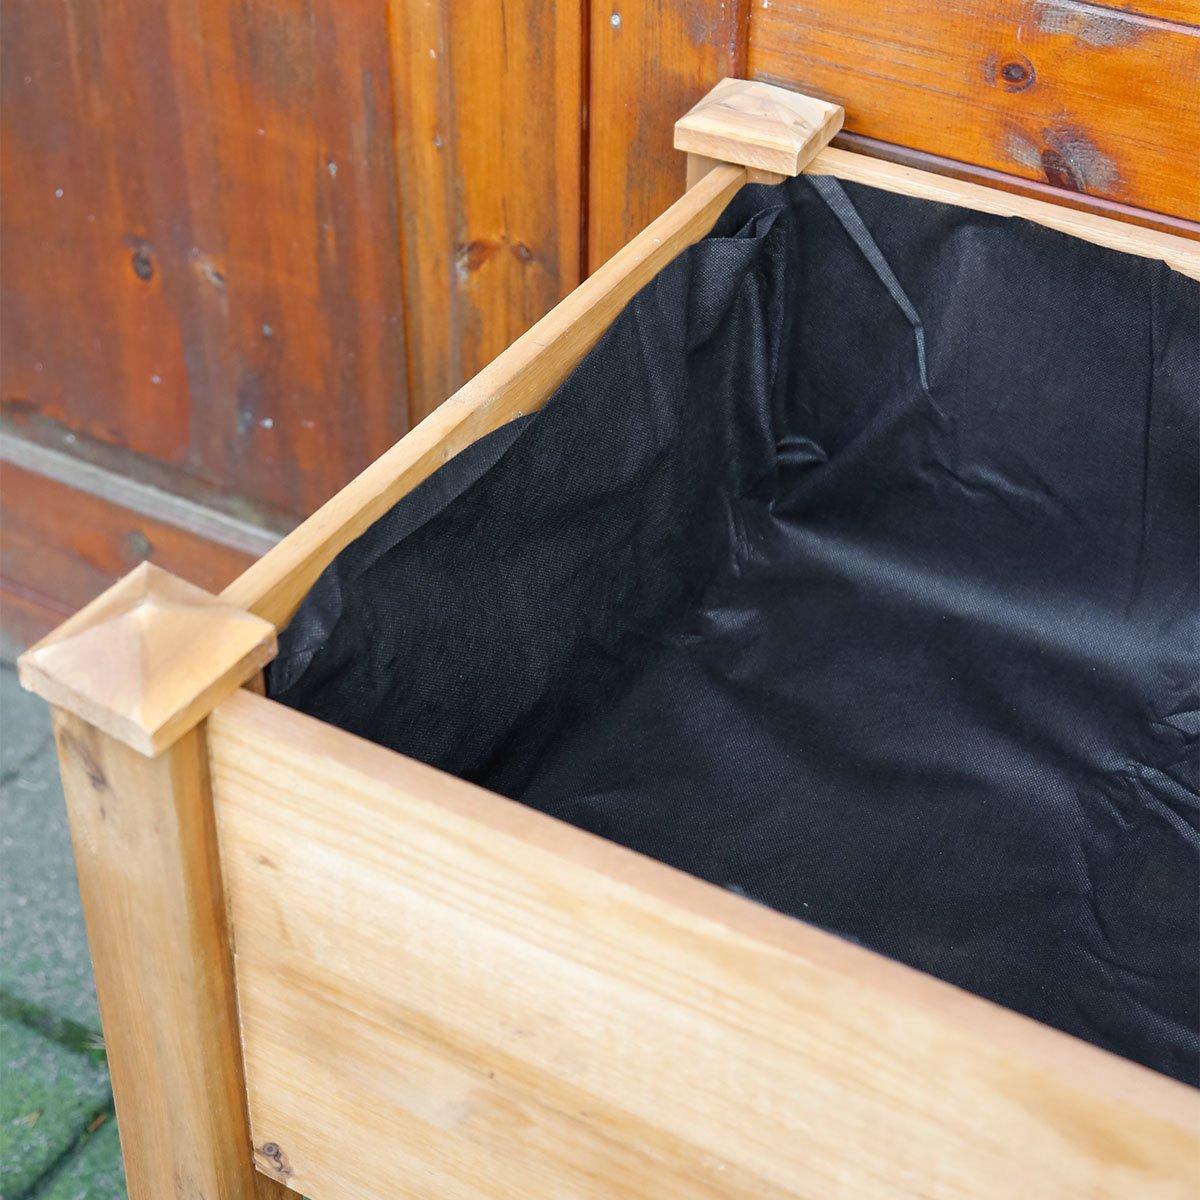 Dehner Hochbeet Noppenfolie Ca 500 X 100 Cm Kunststoff Schwarz